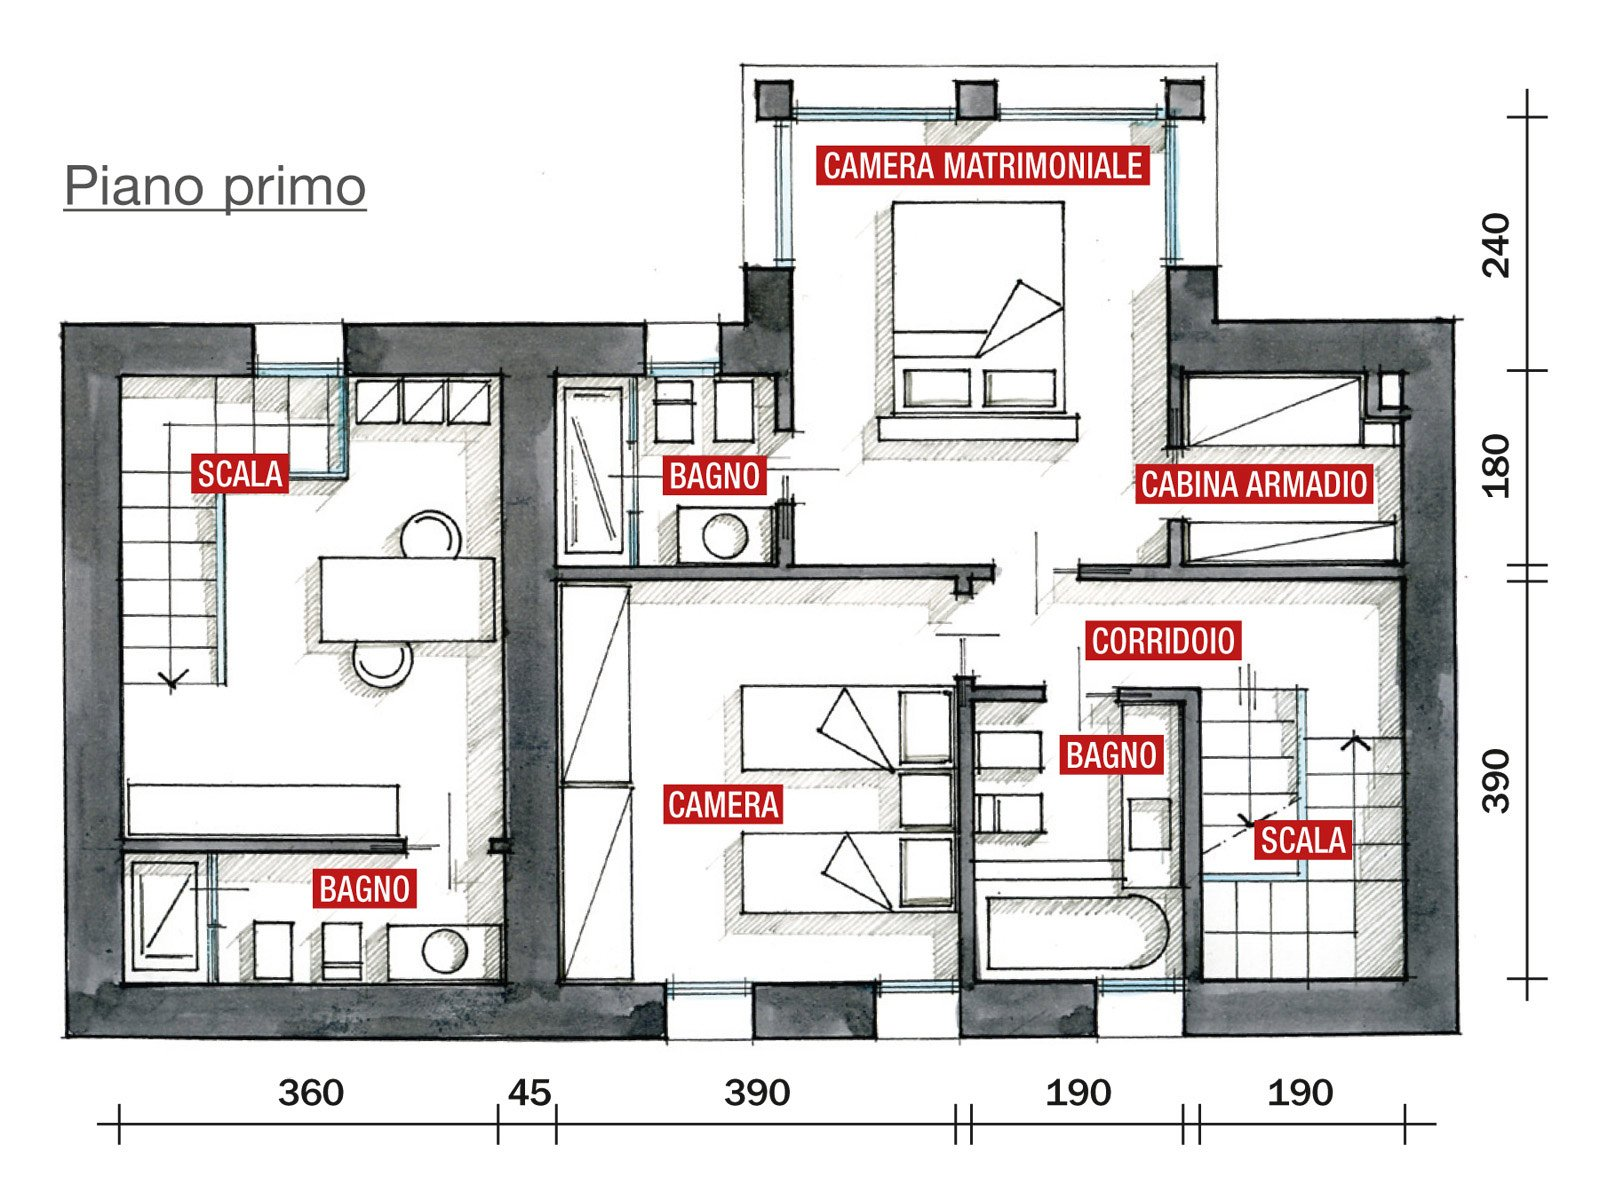 Legno e pietra a vista nella casa restaurata cose di casa for Moderni disegni di case a due piani